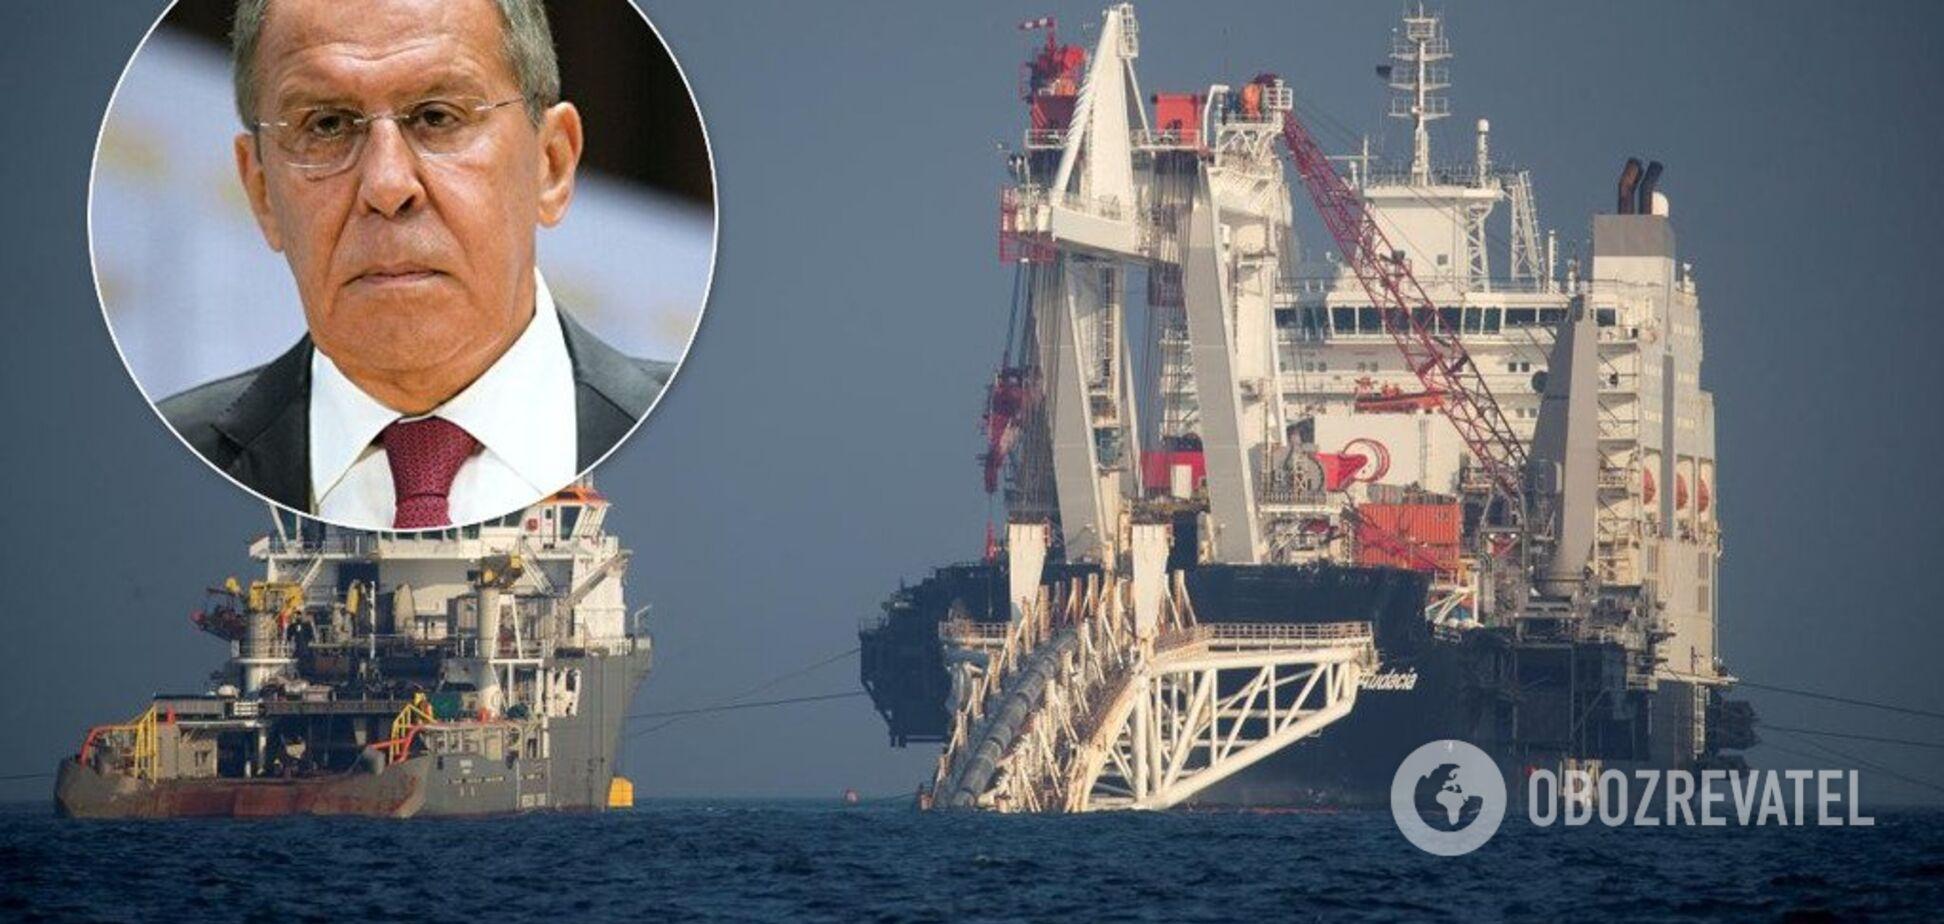 Лавров розлютився через санкції США проти 'газопроводу Путіна'